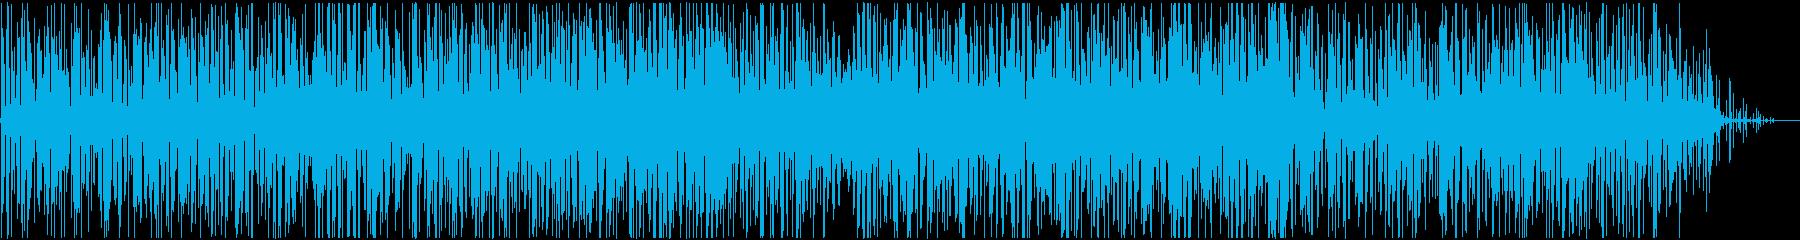 科学・報道向け、軽めなアンビエントテクノの再生済みの波形